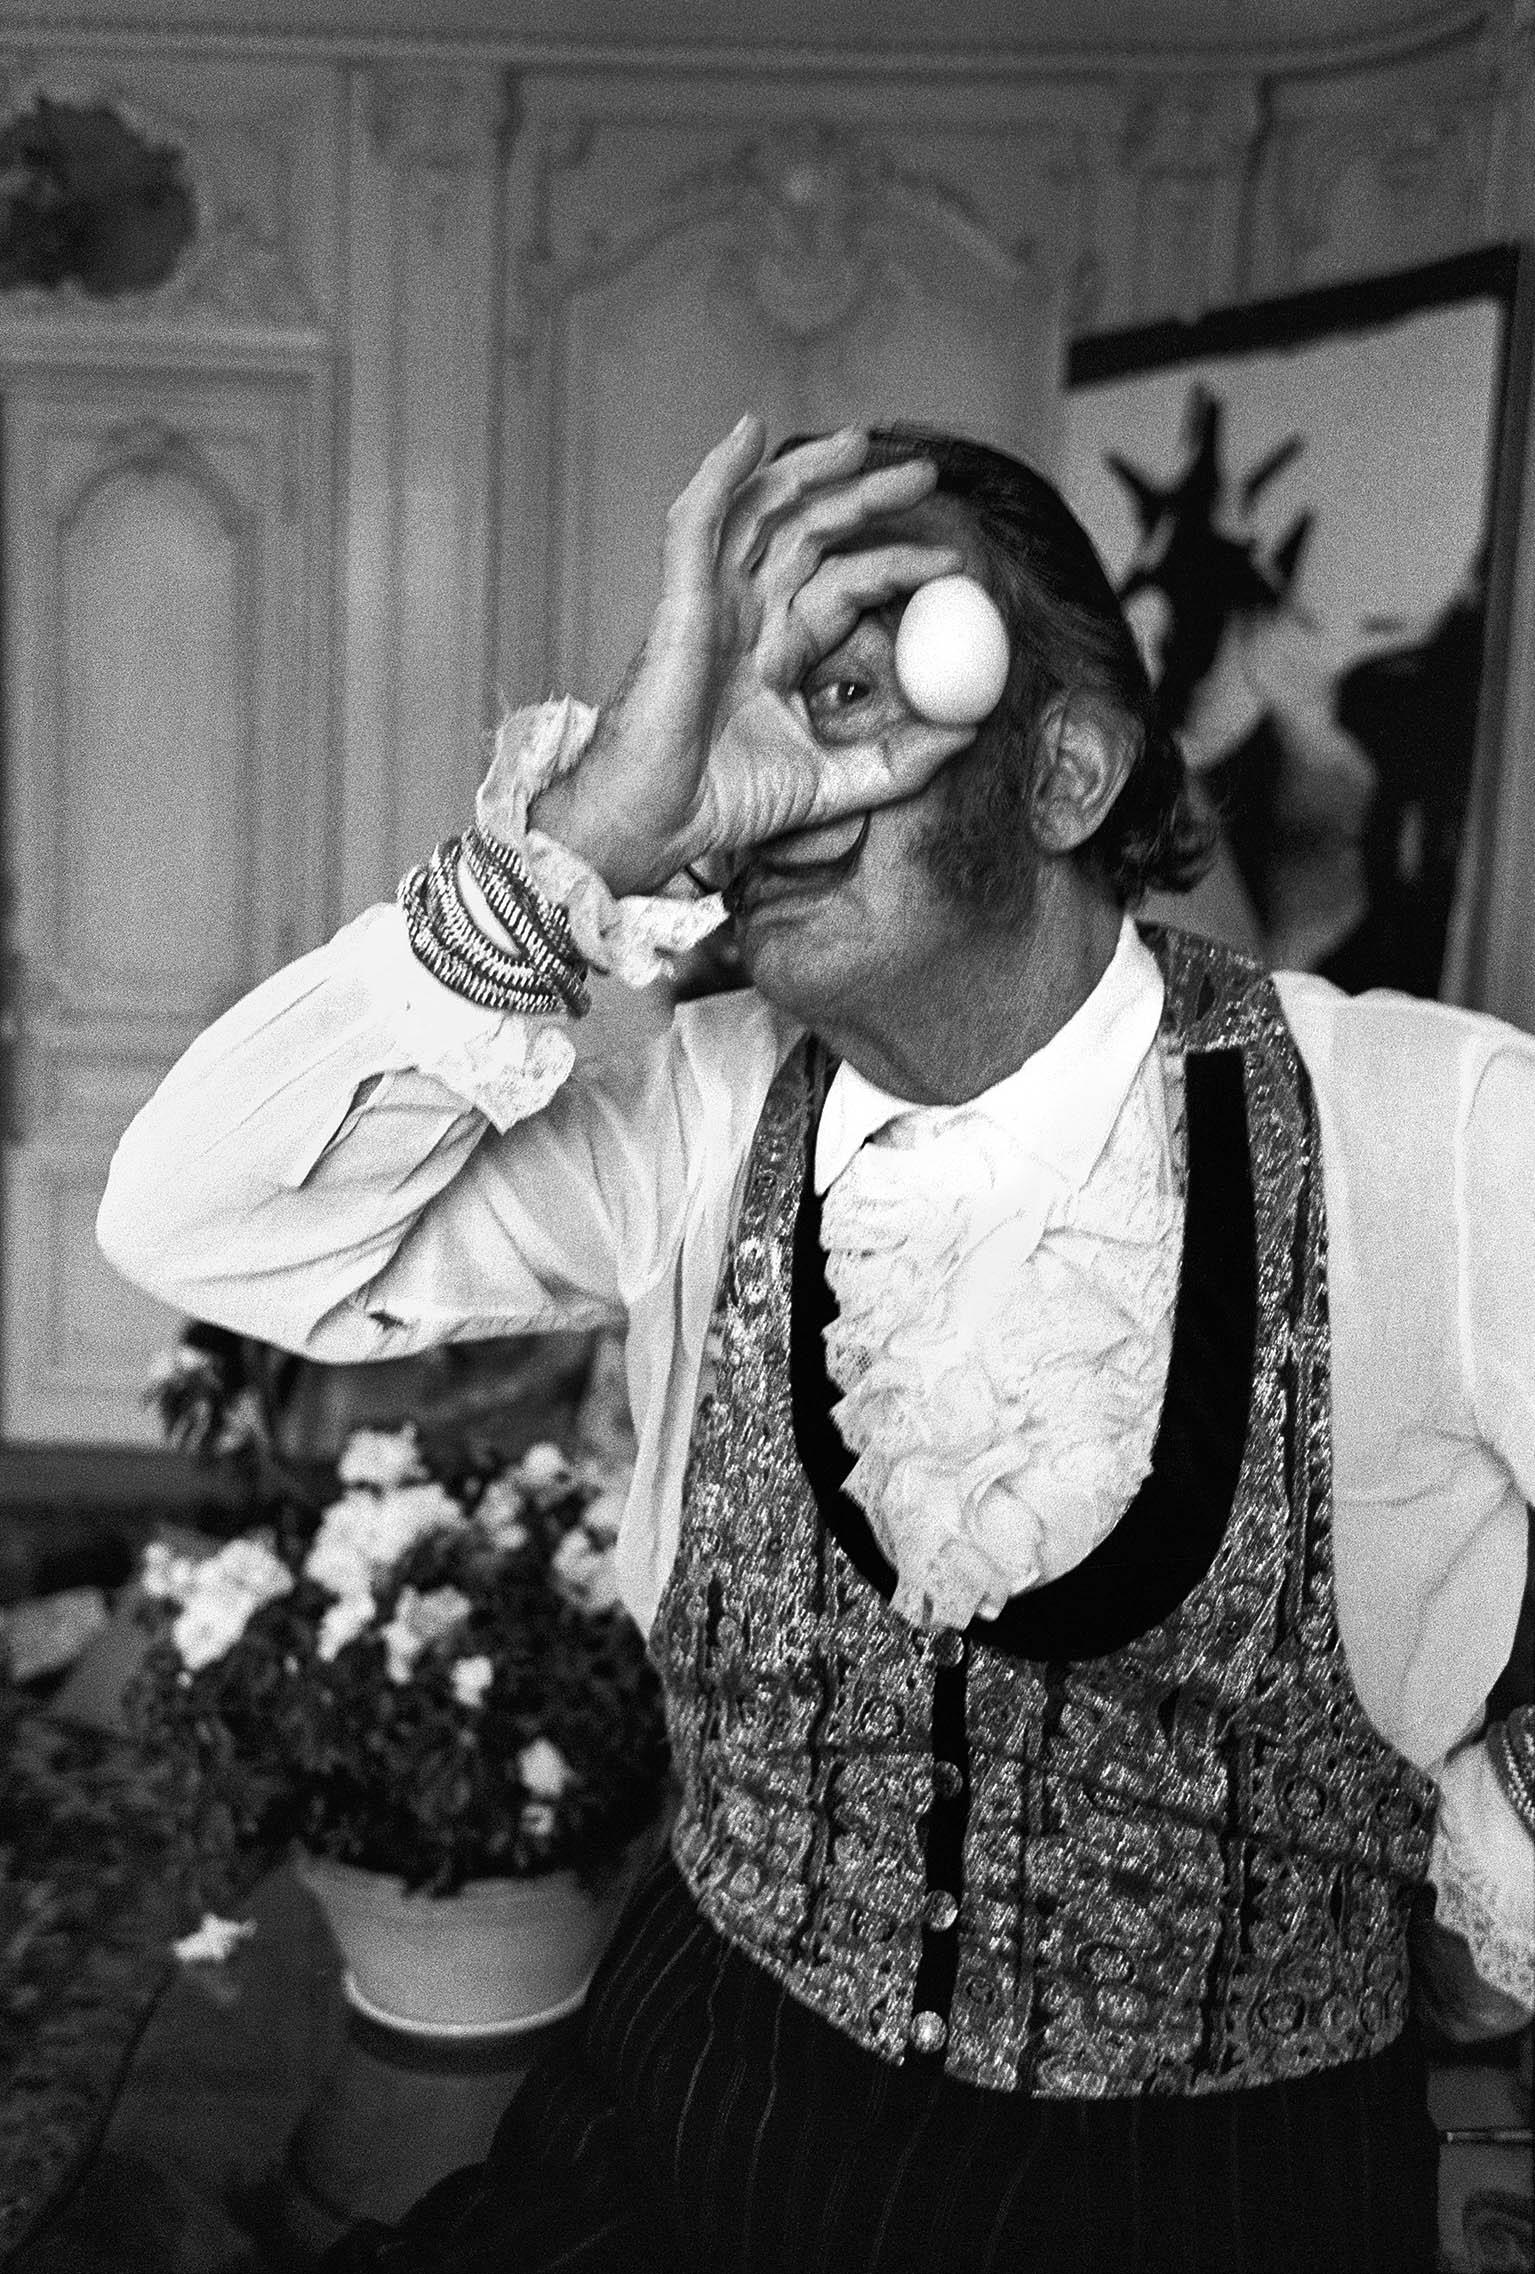 Nová tvář expozice Salvador Dalí vPraze